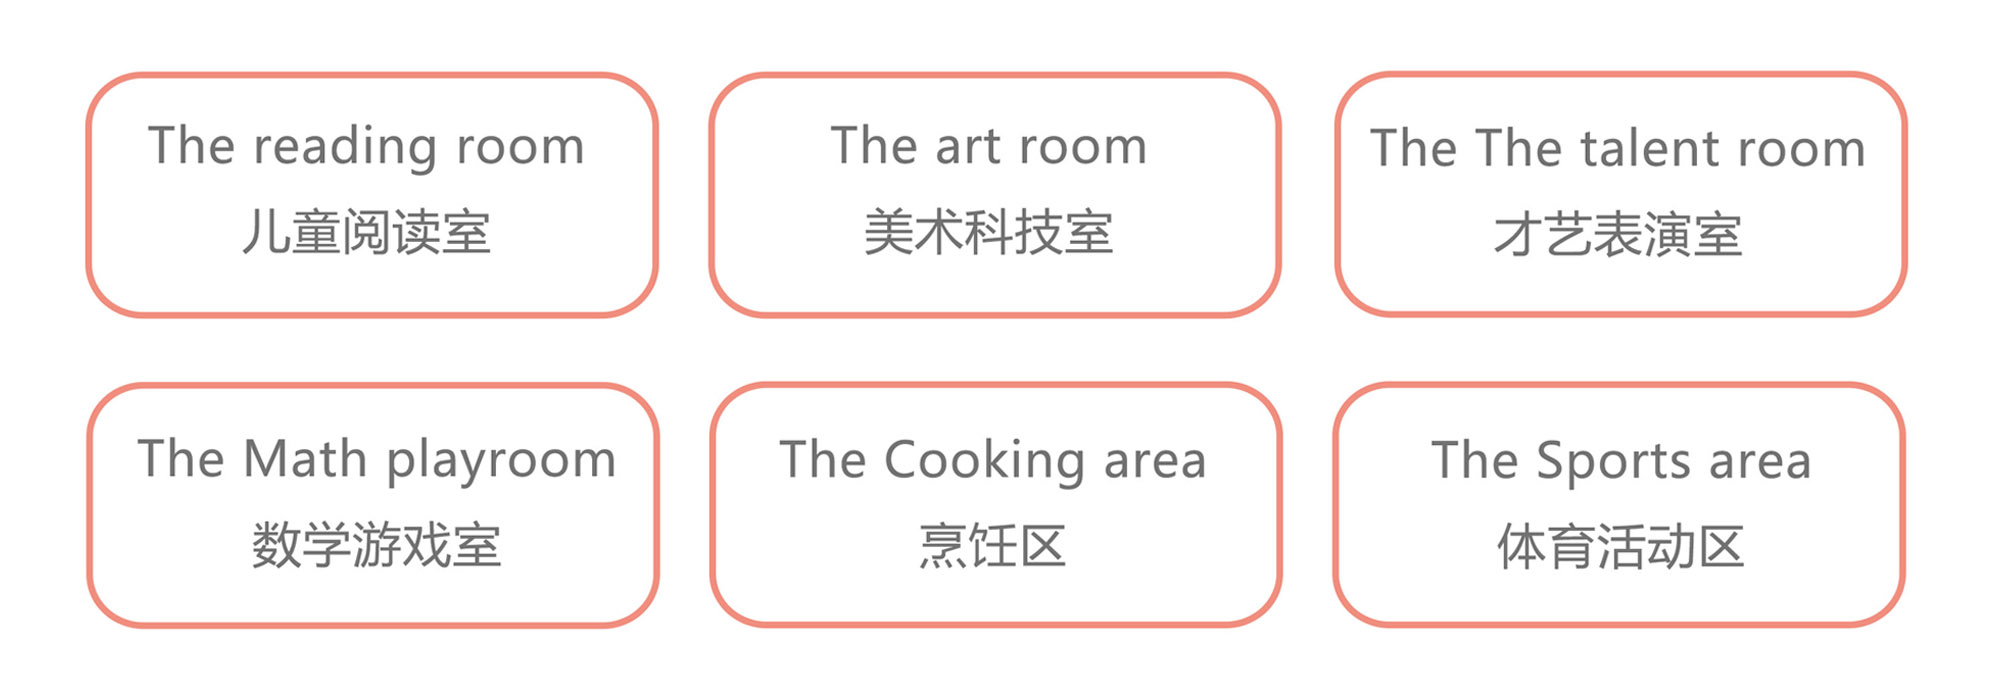 六个教室组合